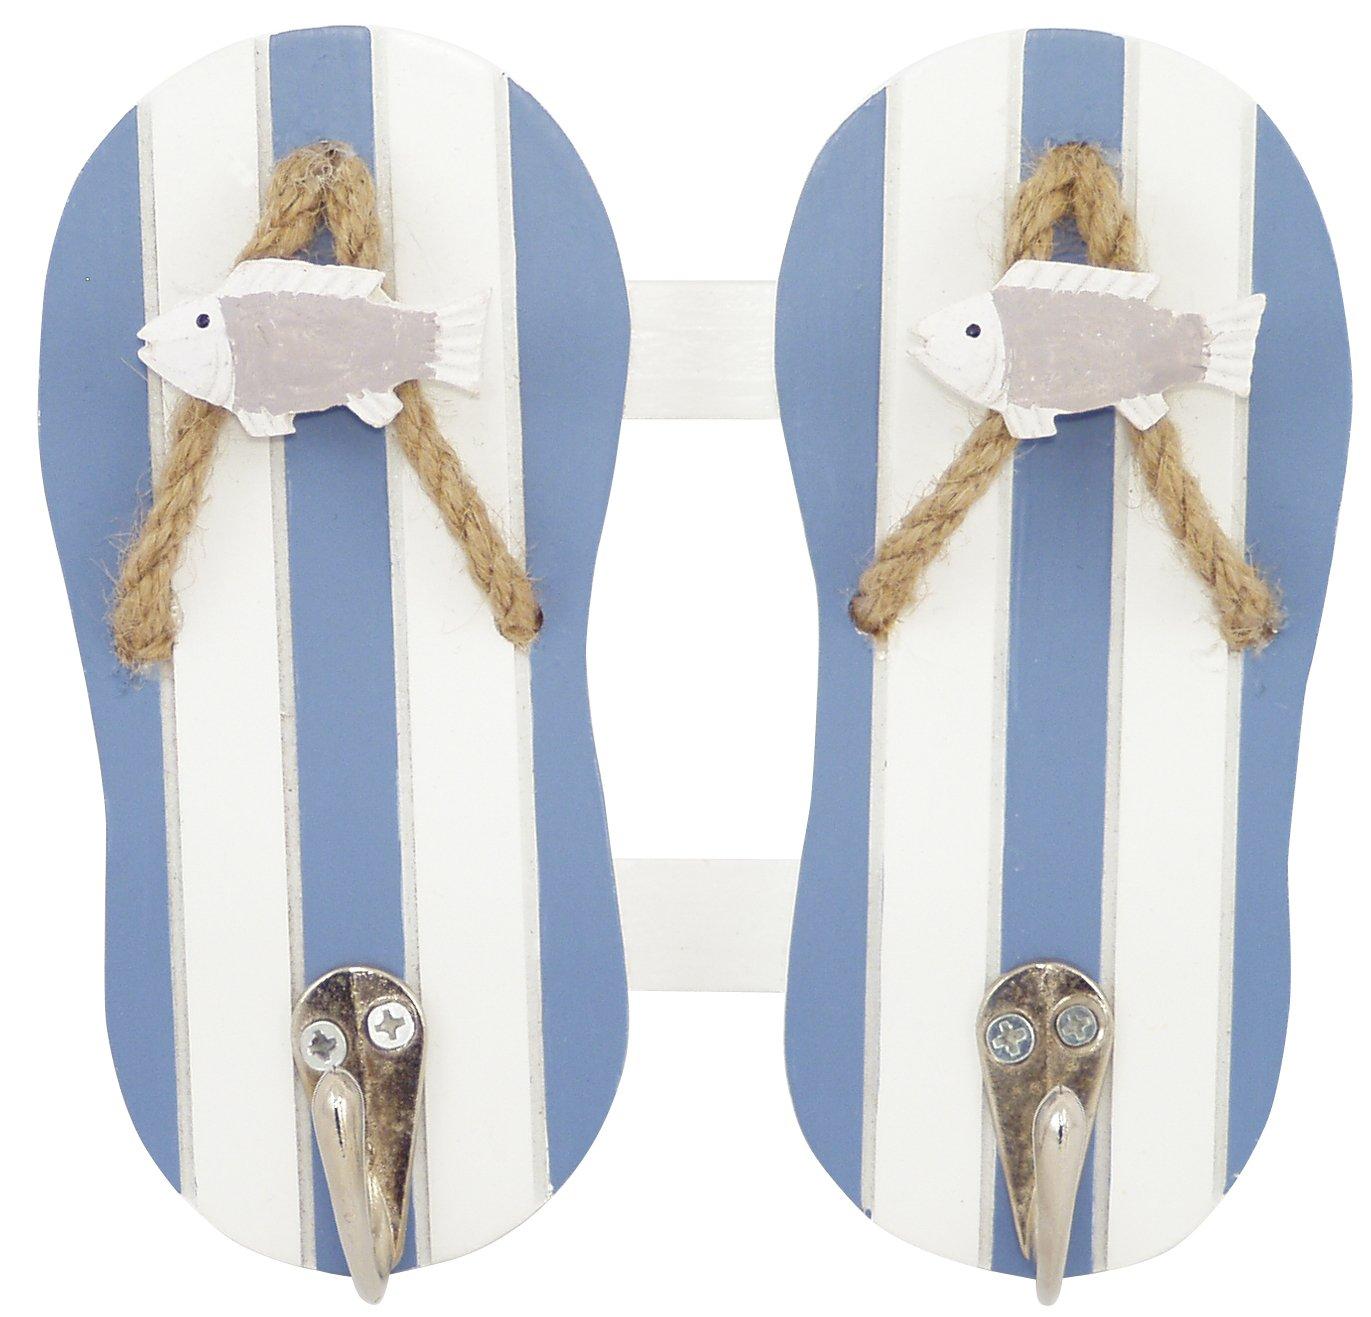 Générique 533-Colgador para Toallas Guantes Tongues 2 Ganchos de Madera 15 x 15 x 2 cm: Amazon.es: Hogar